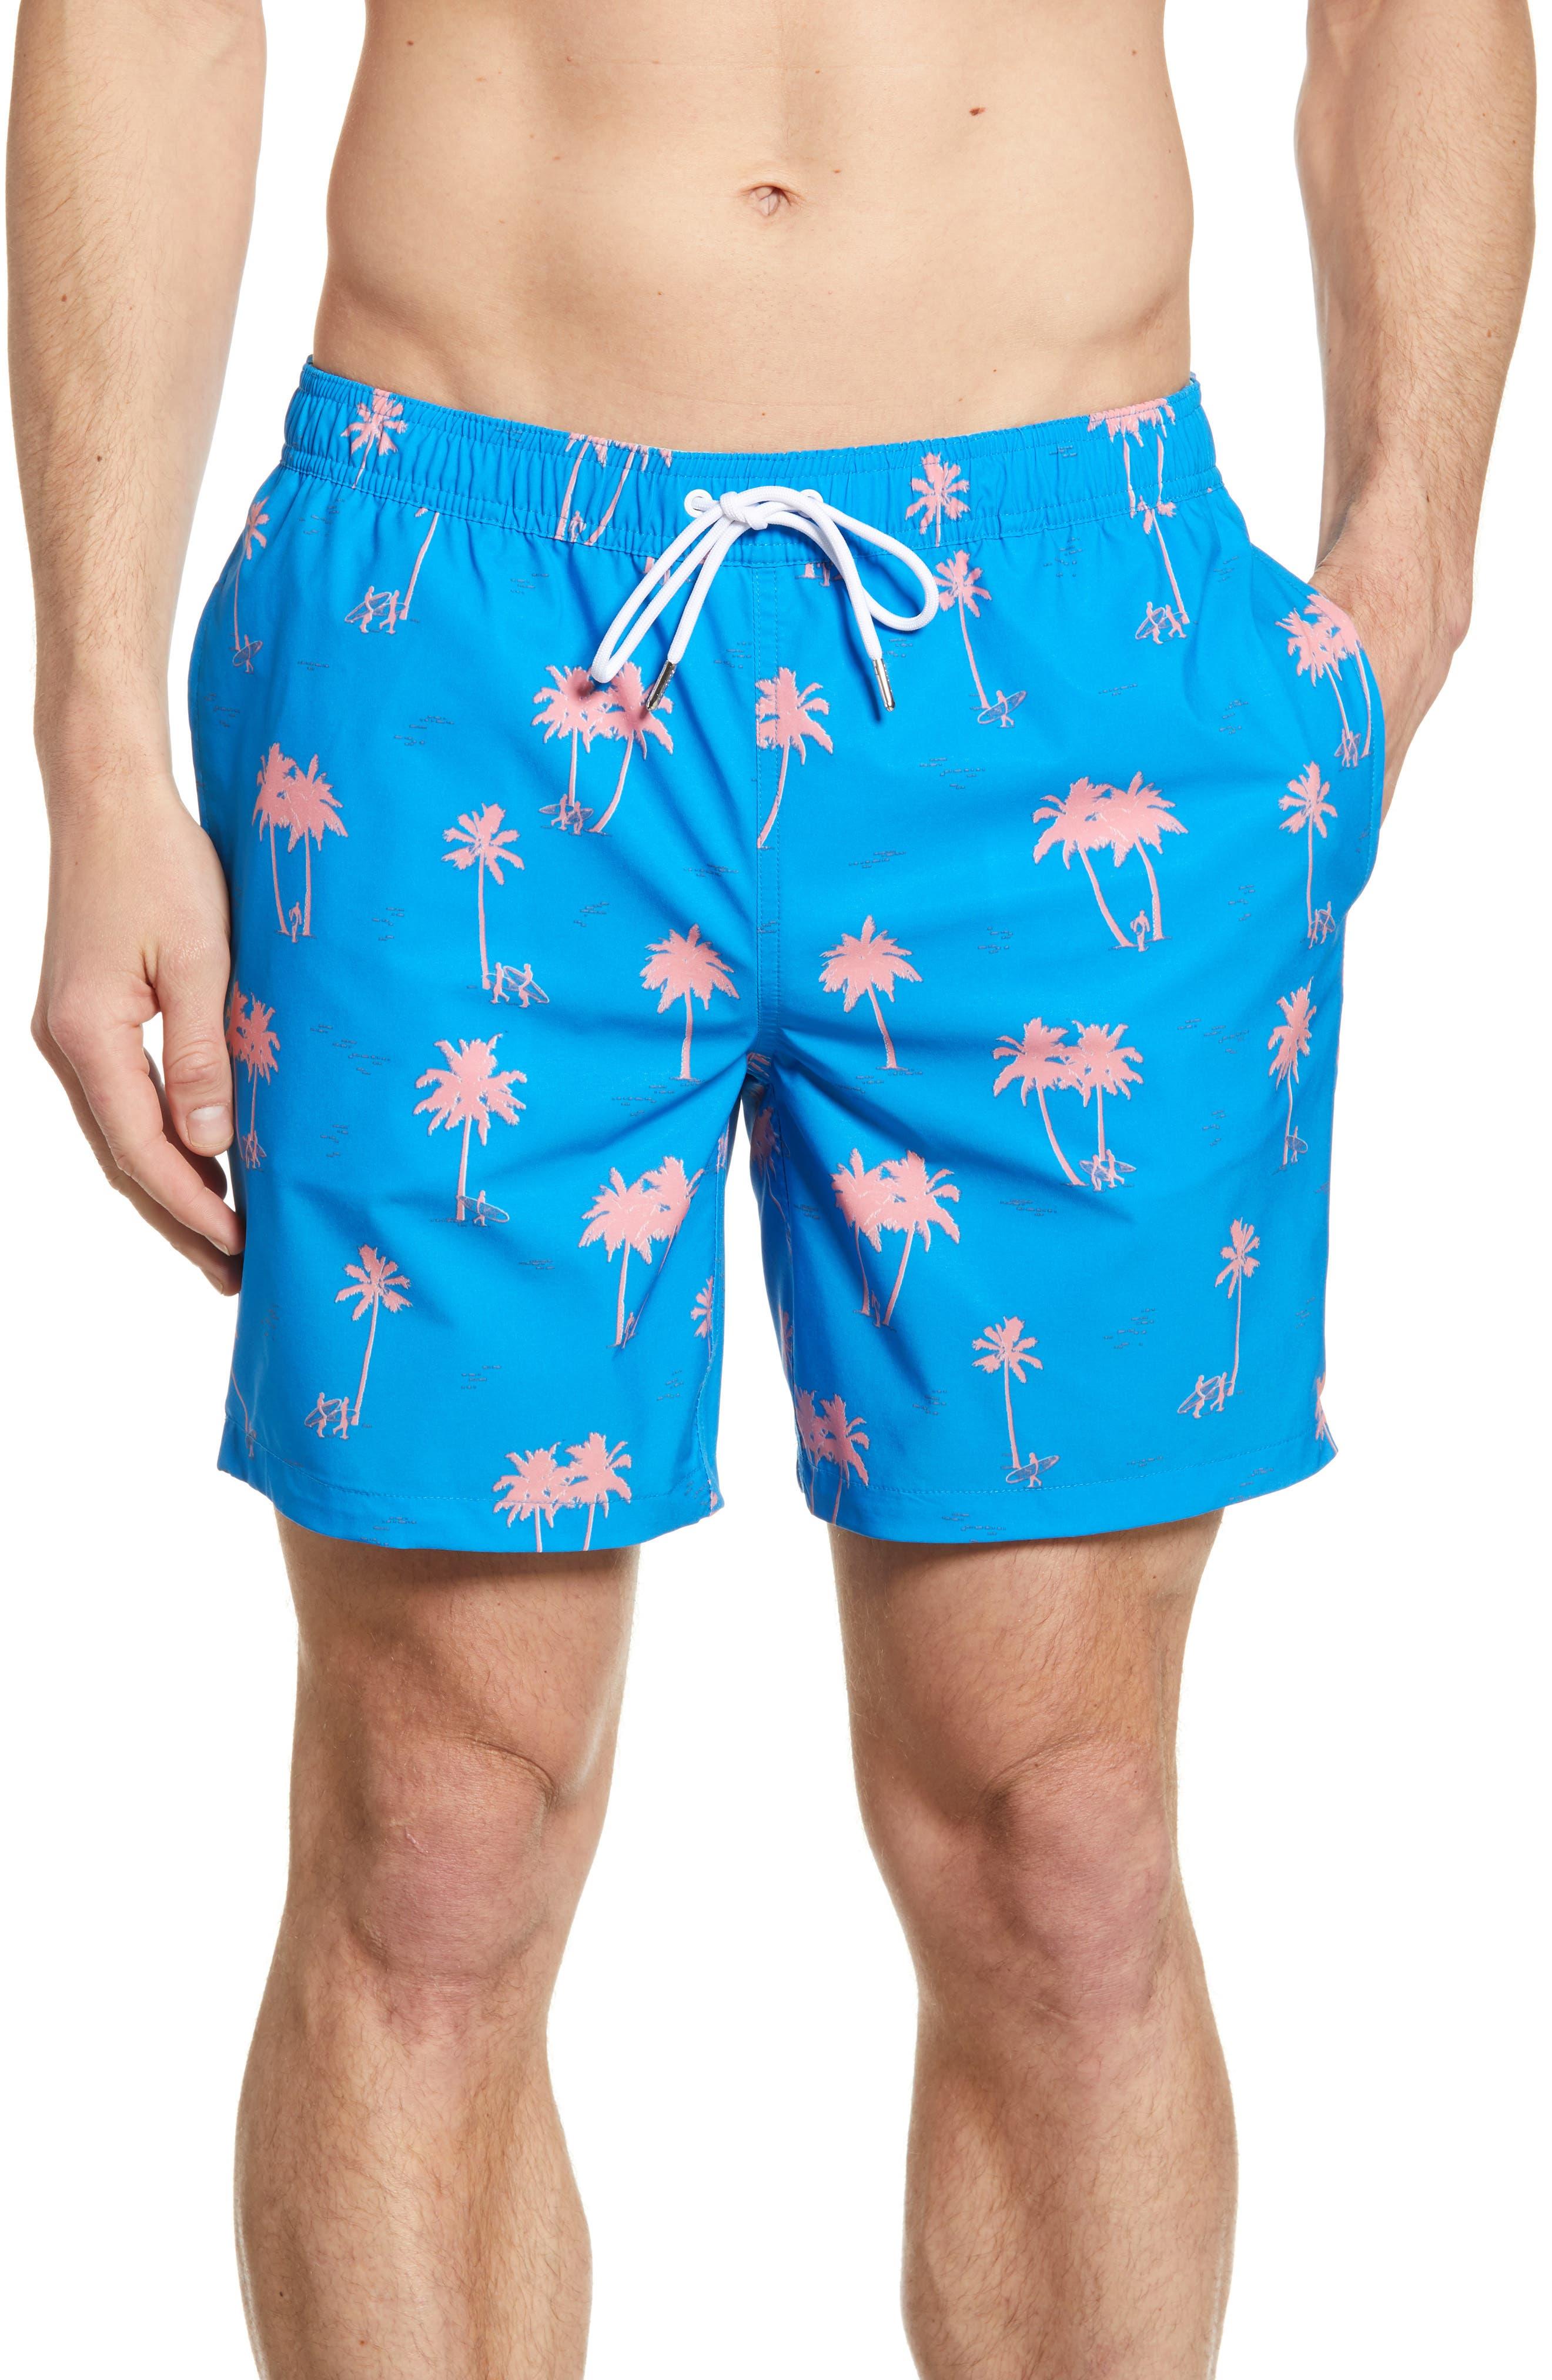 Bonobos E-Waist Palm Print 7-Inch Swim Trunks, Blue